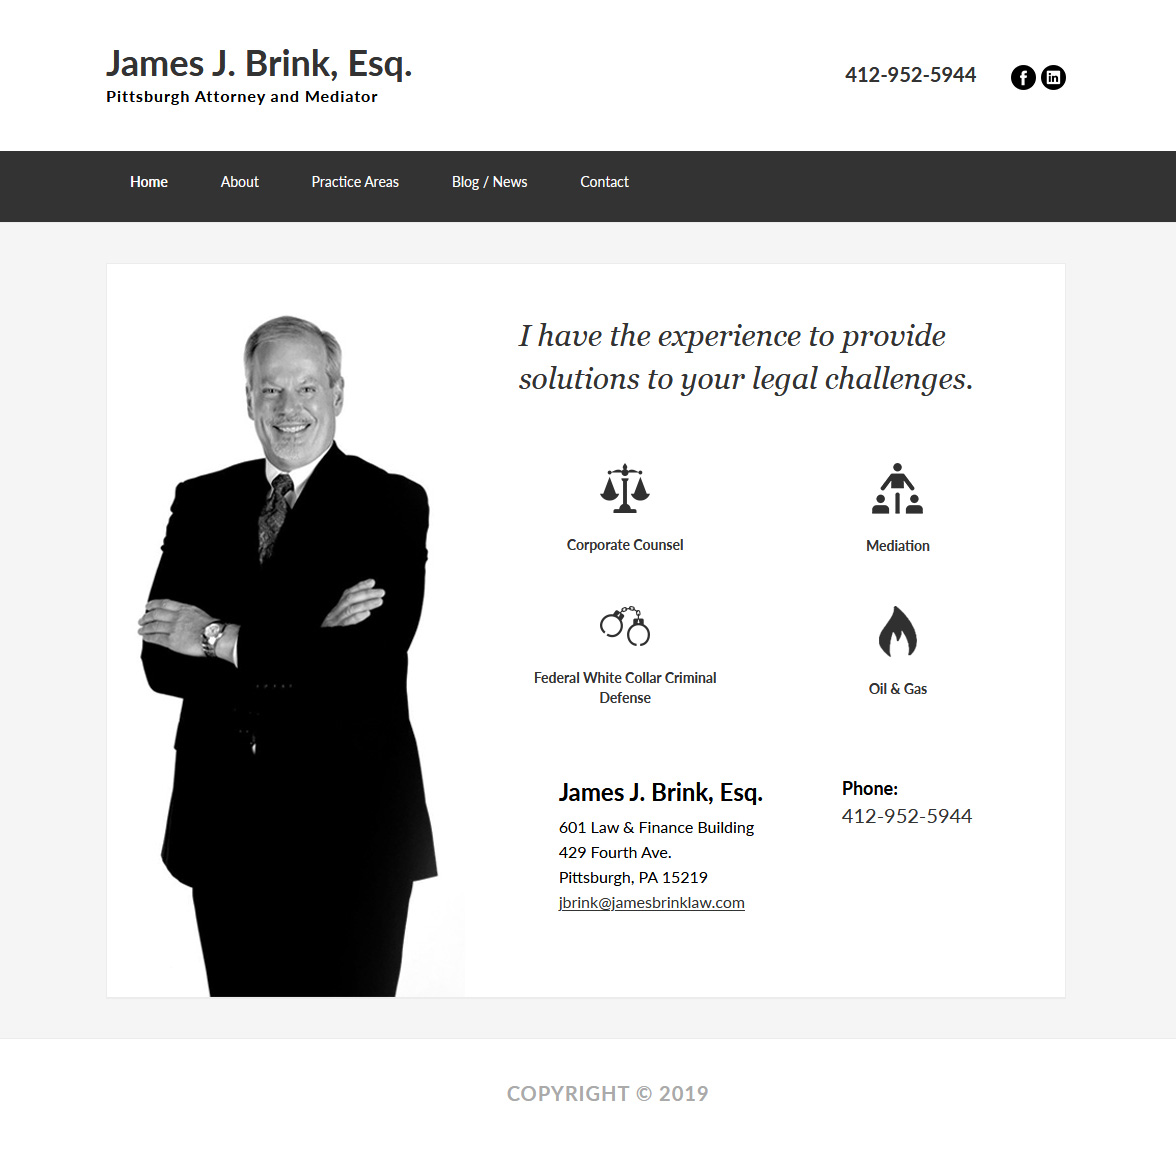 James J. Brink, Esq - lawyers website design